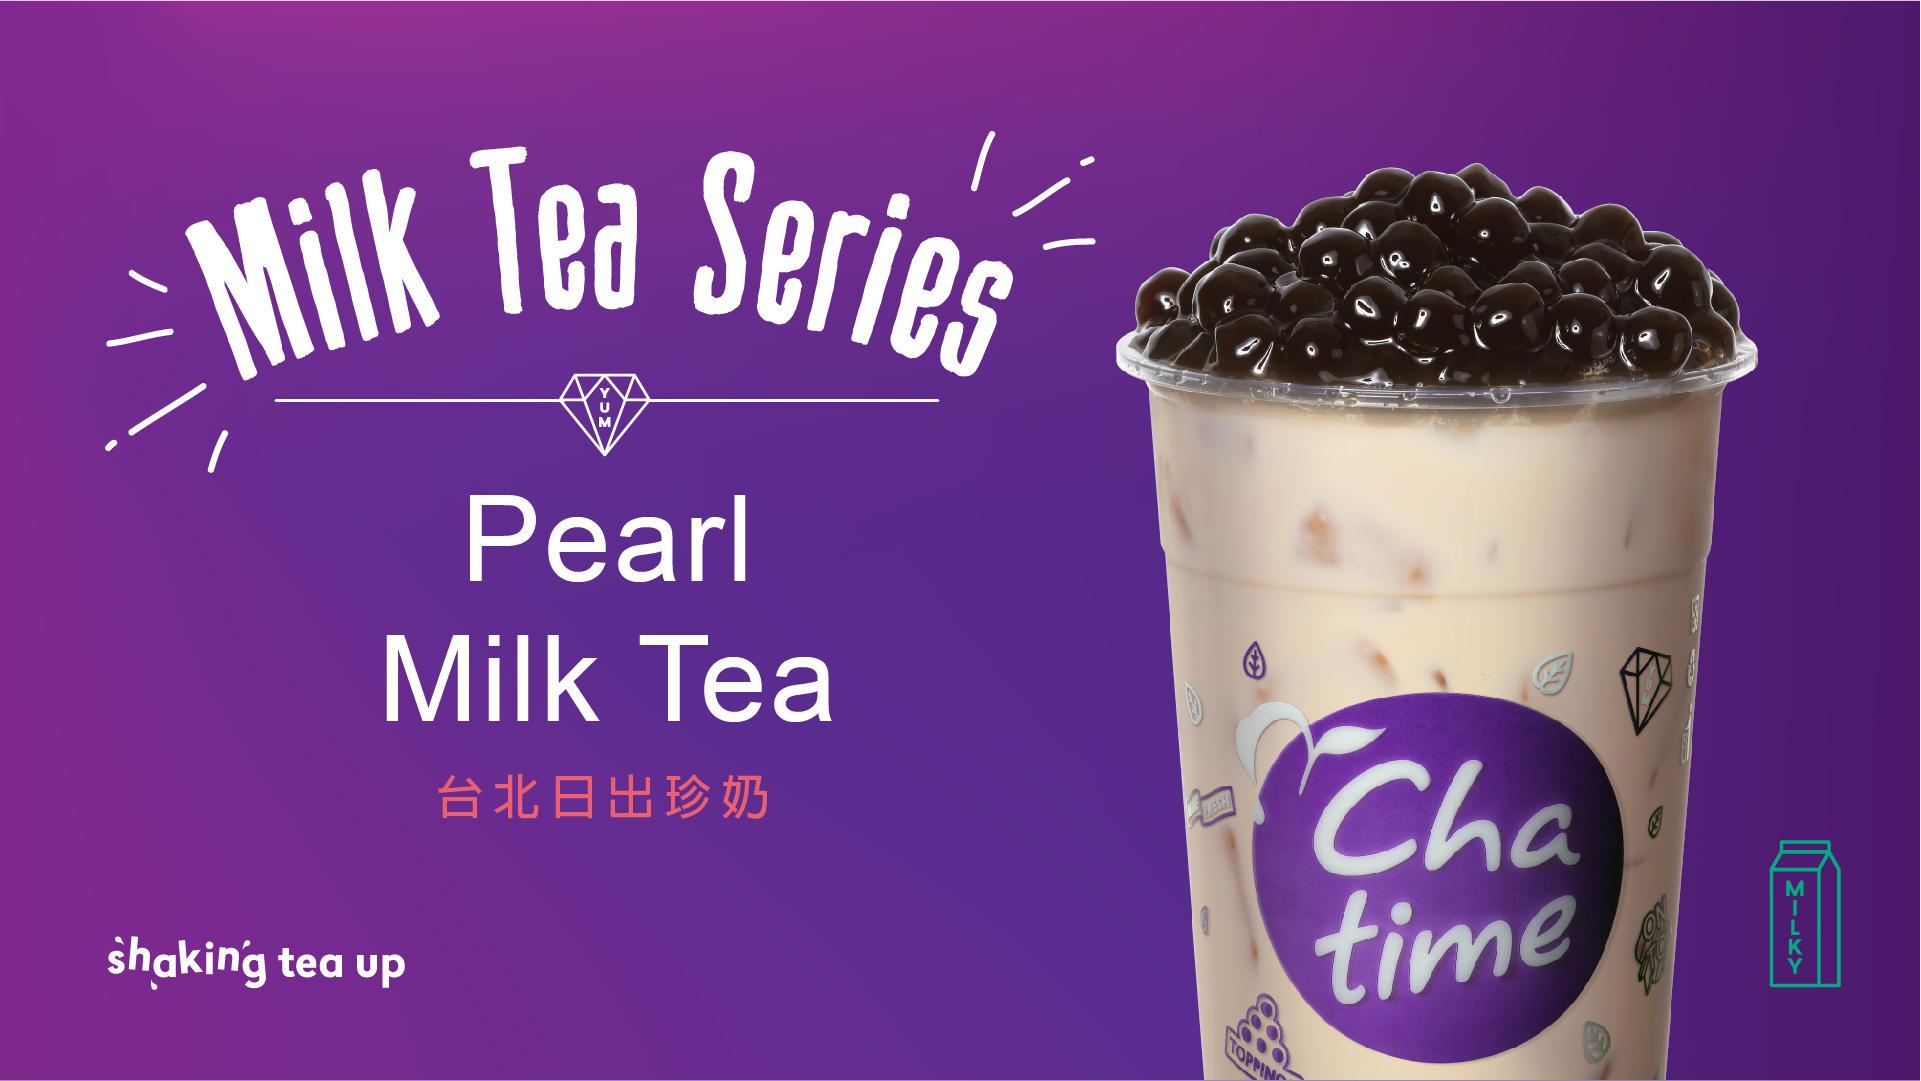 Chatime Bubble Tea & Slurping Noodles image 11